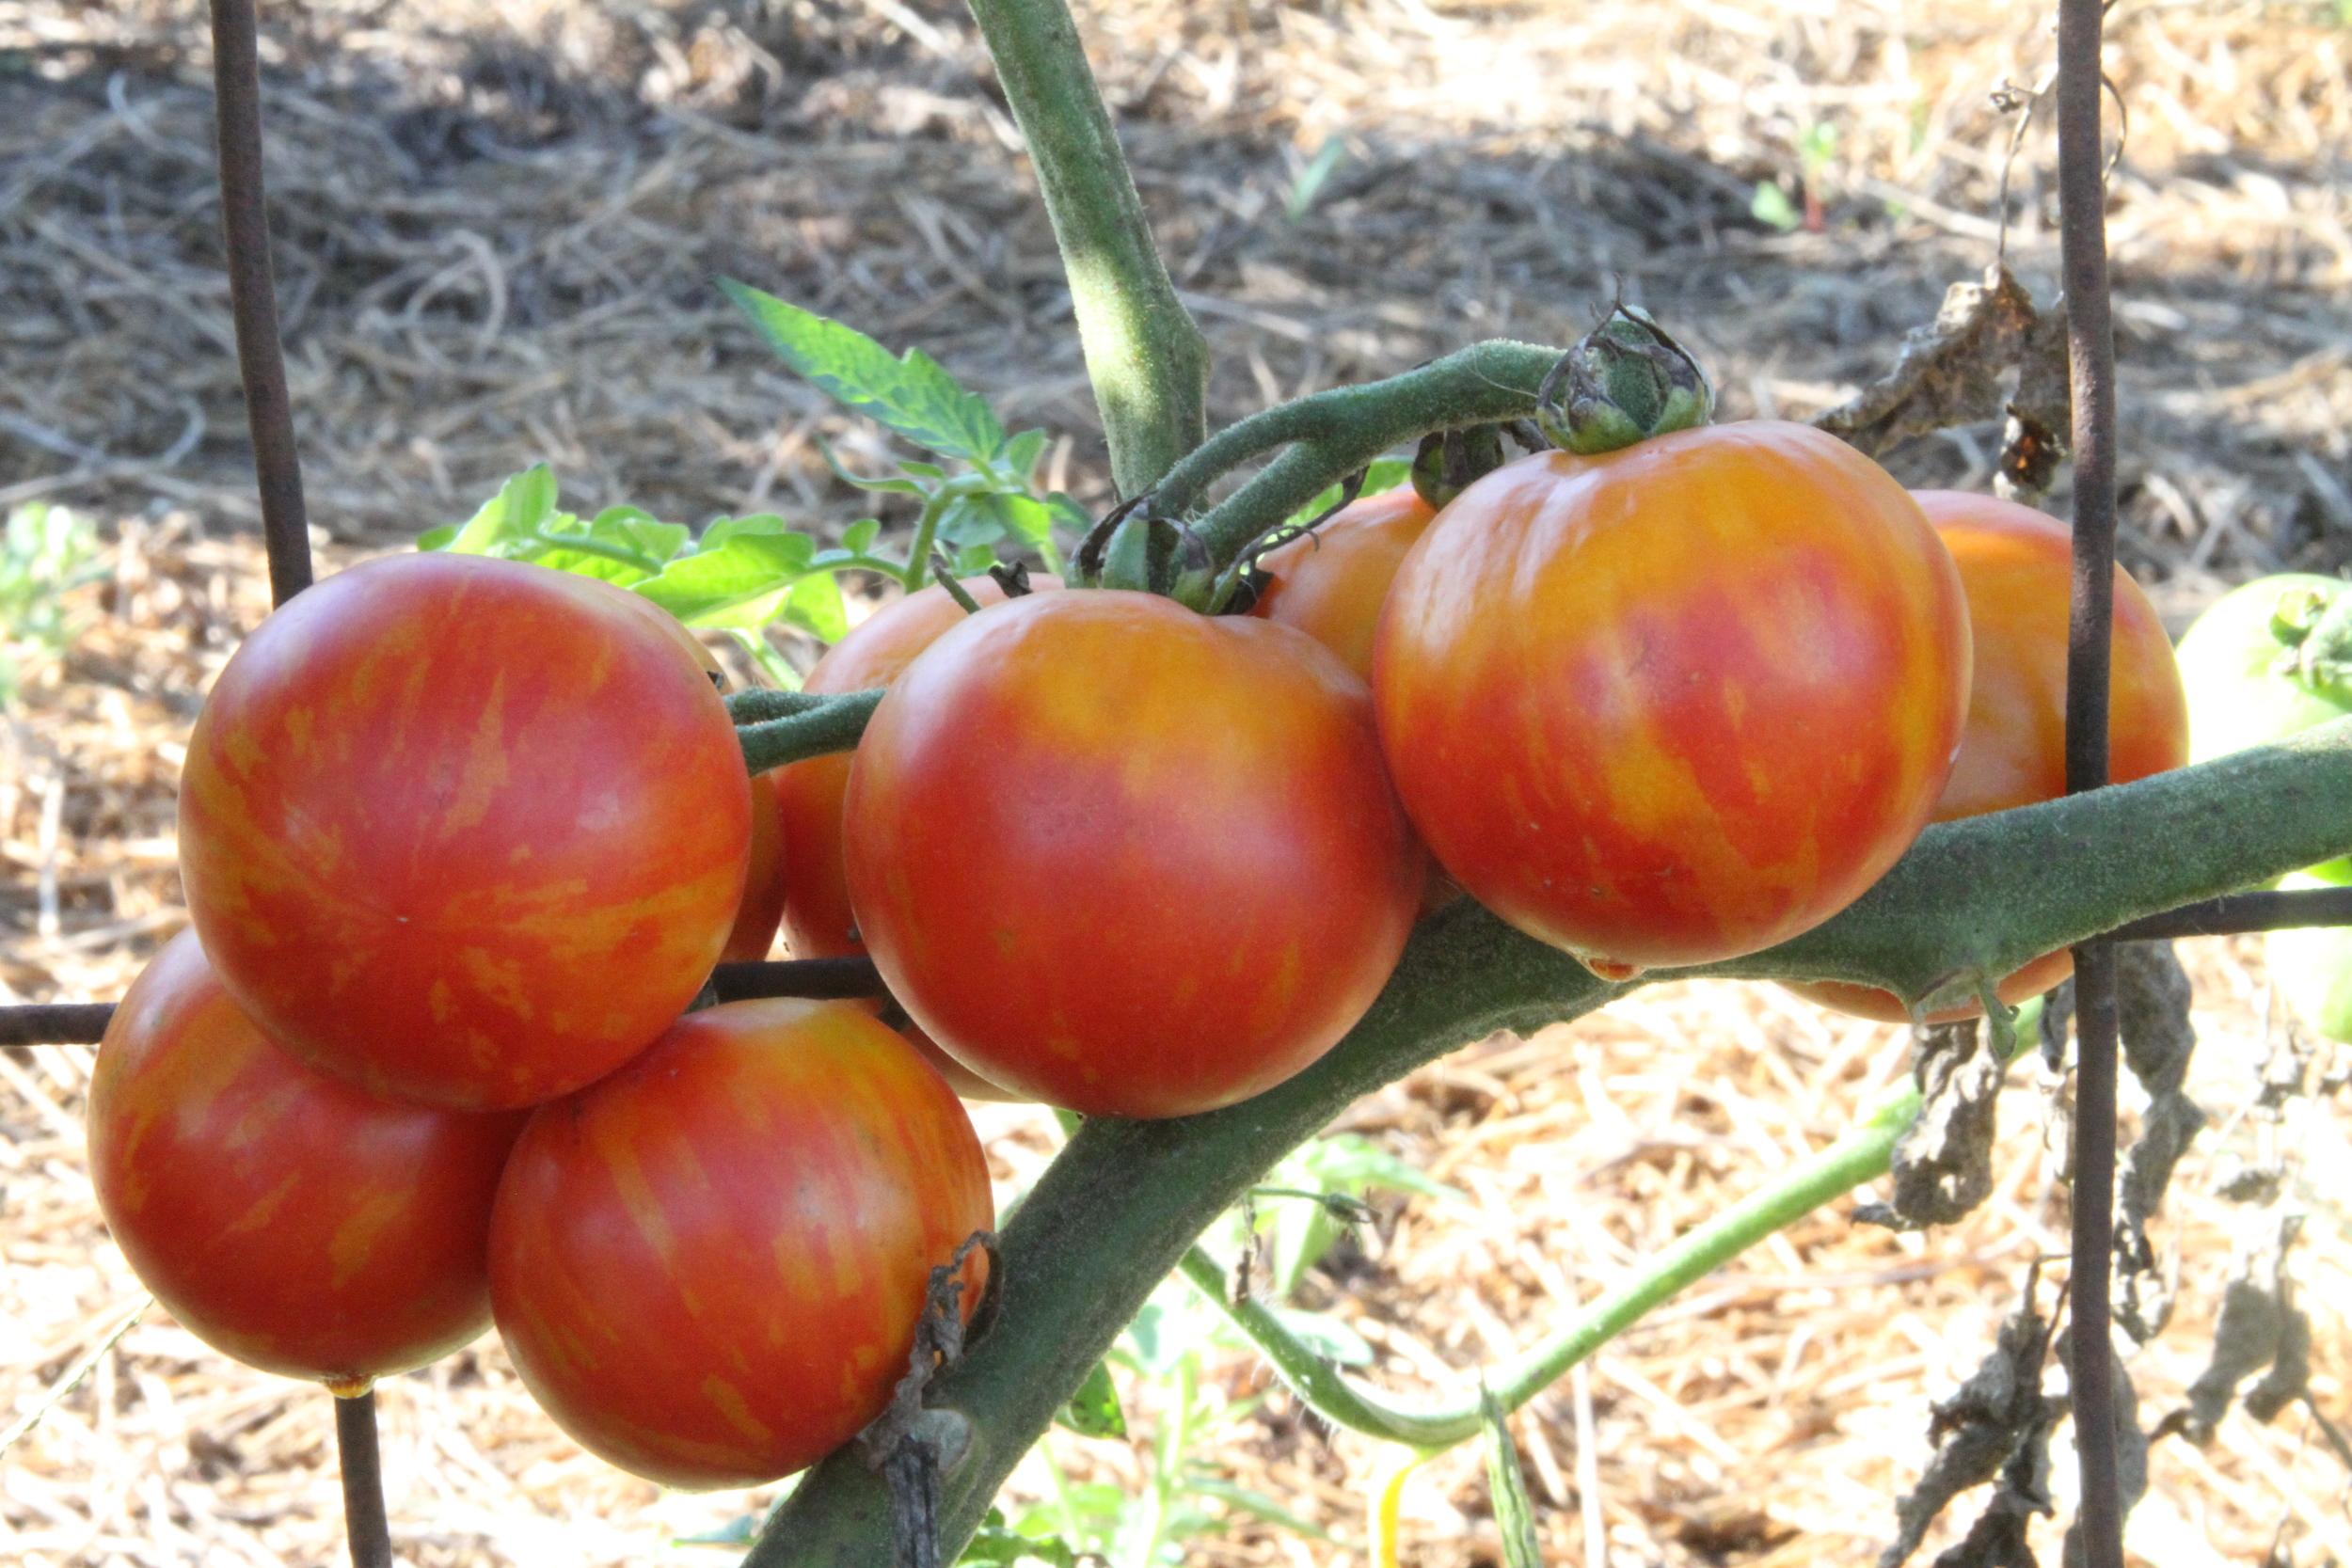 'Tiger Tom' Tomato